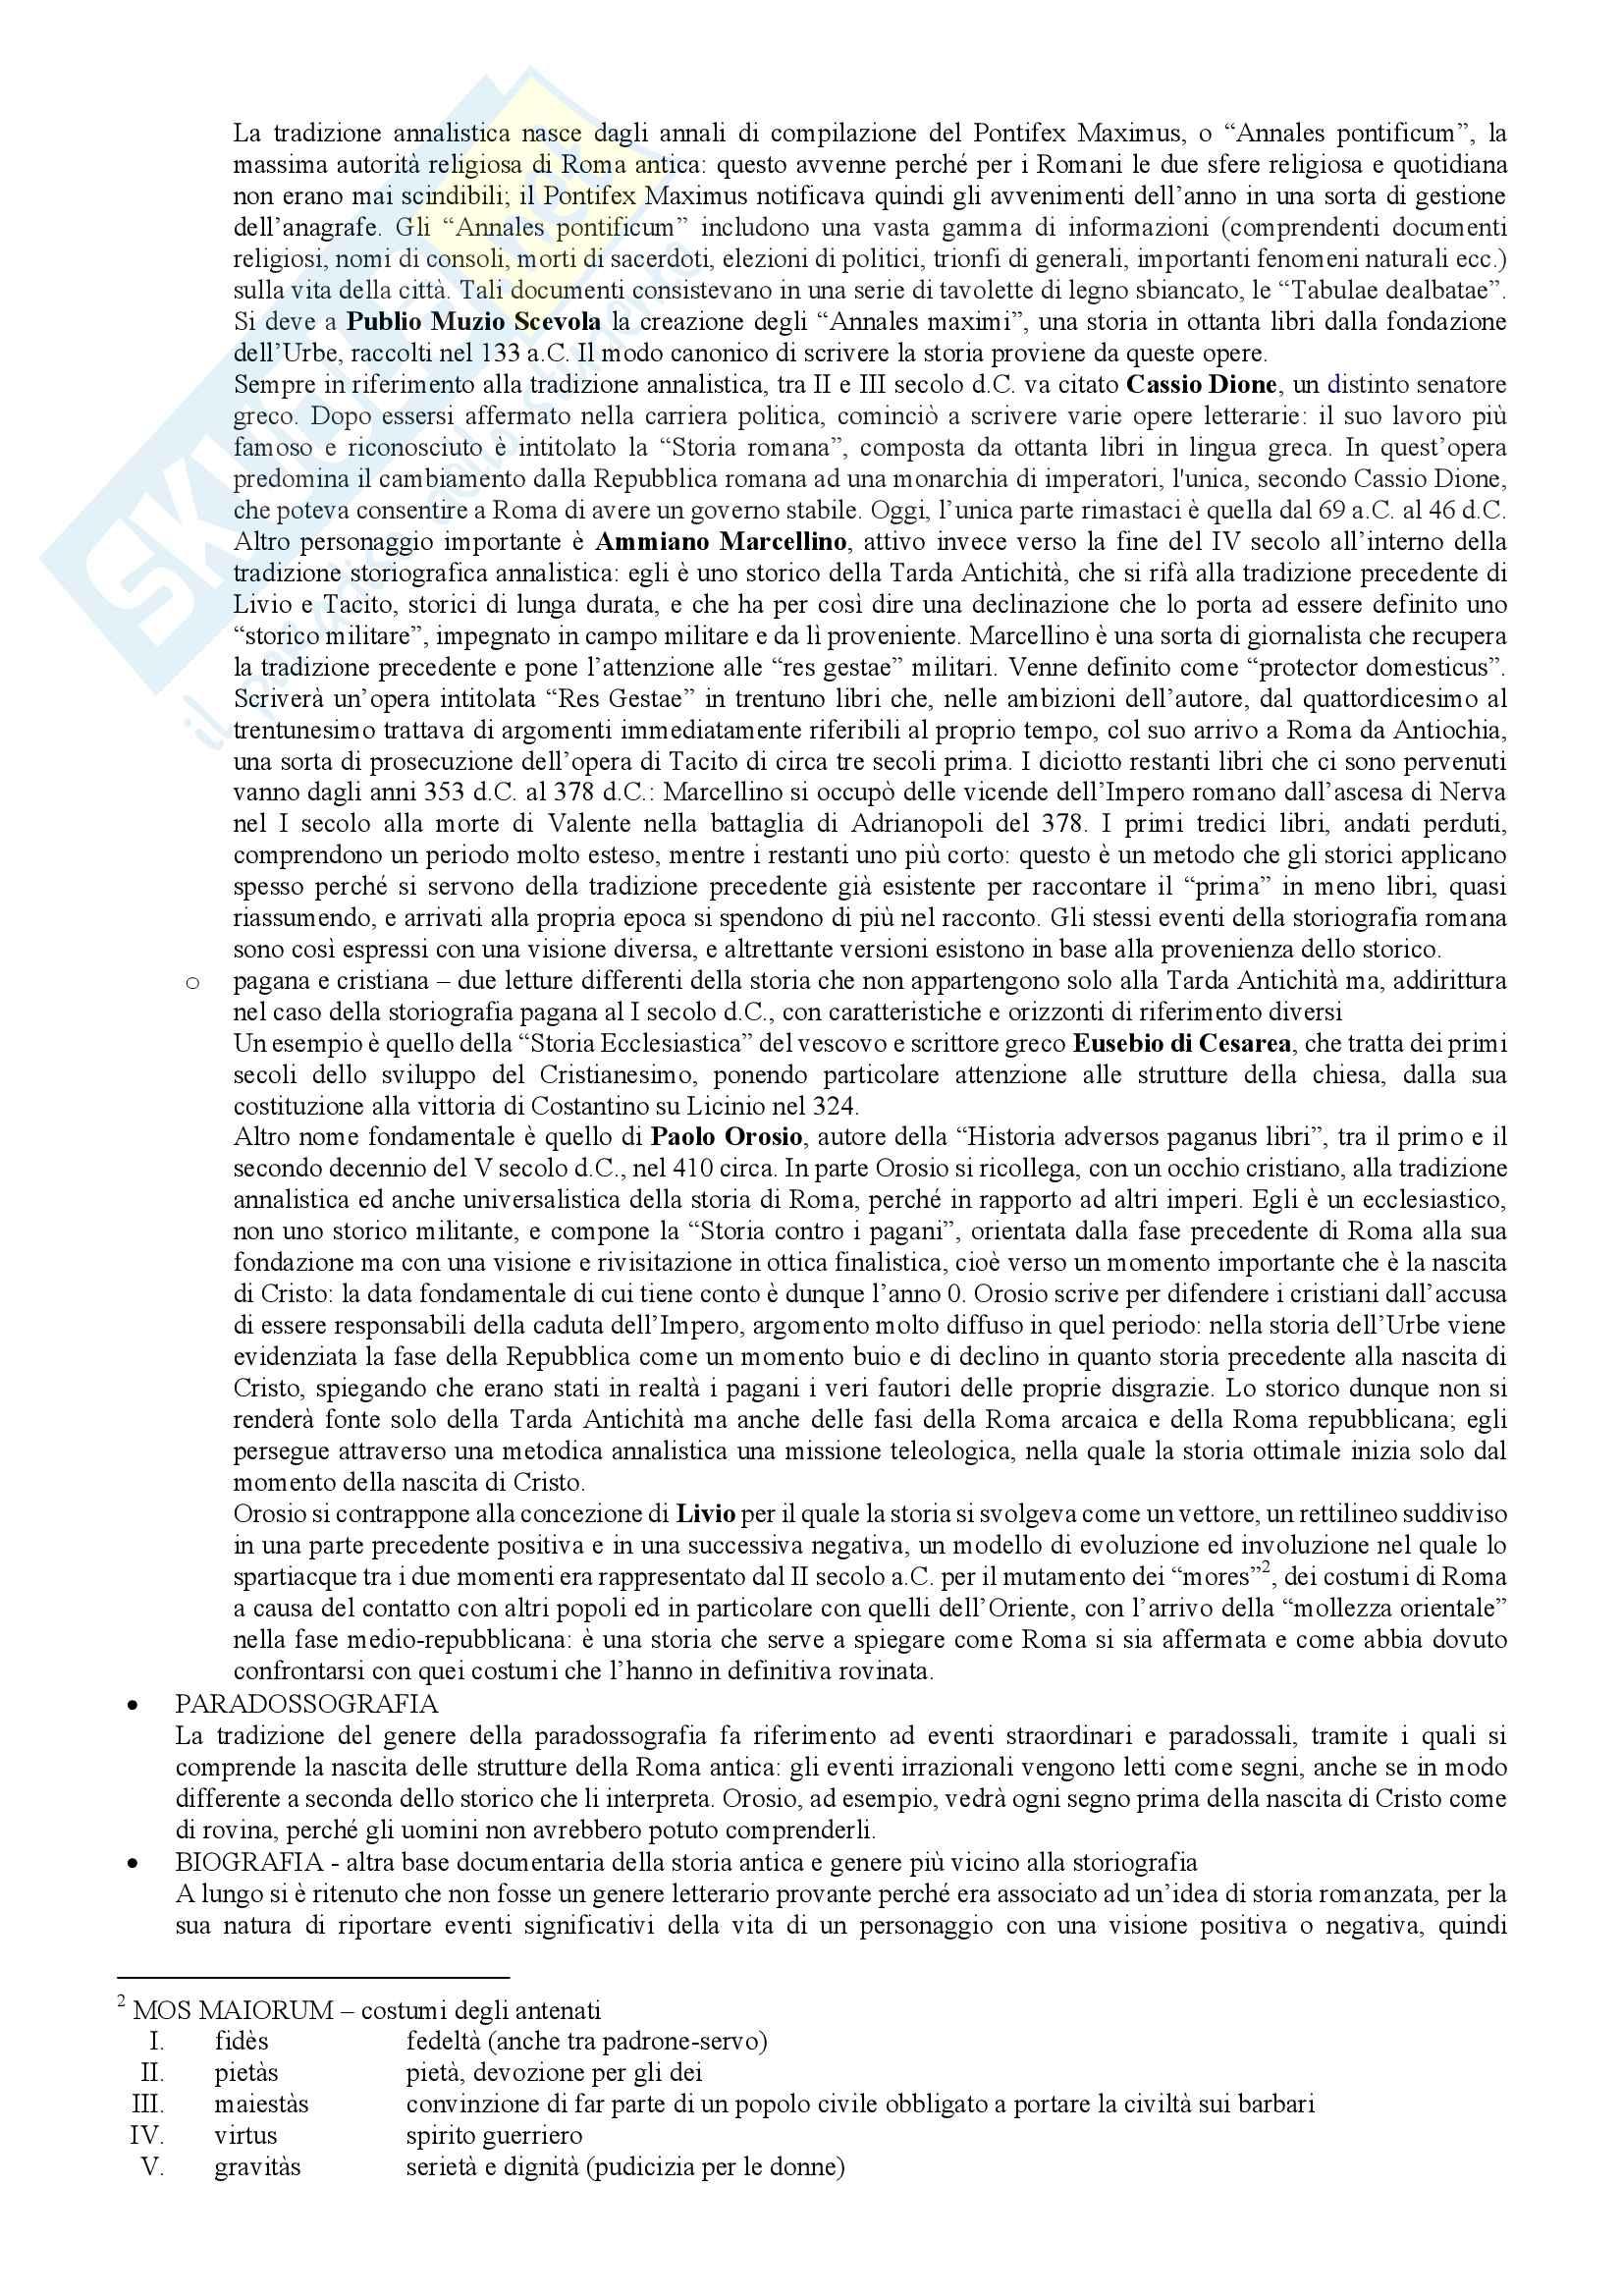 Le fonti della storia romana, storia romana Pag. 6